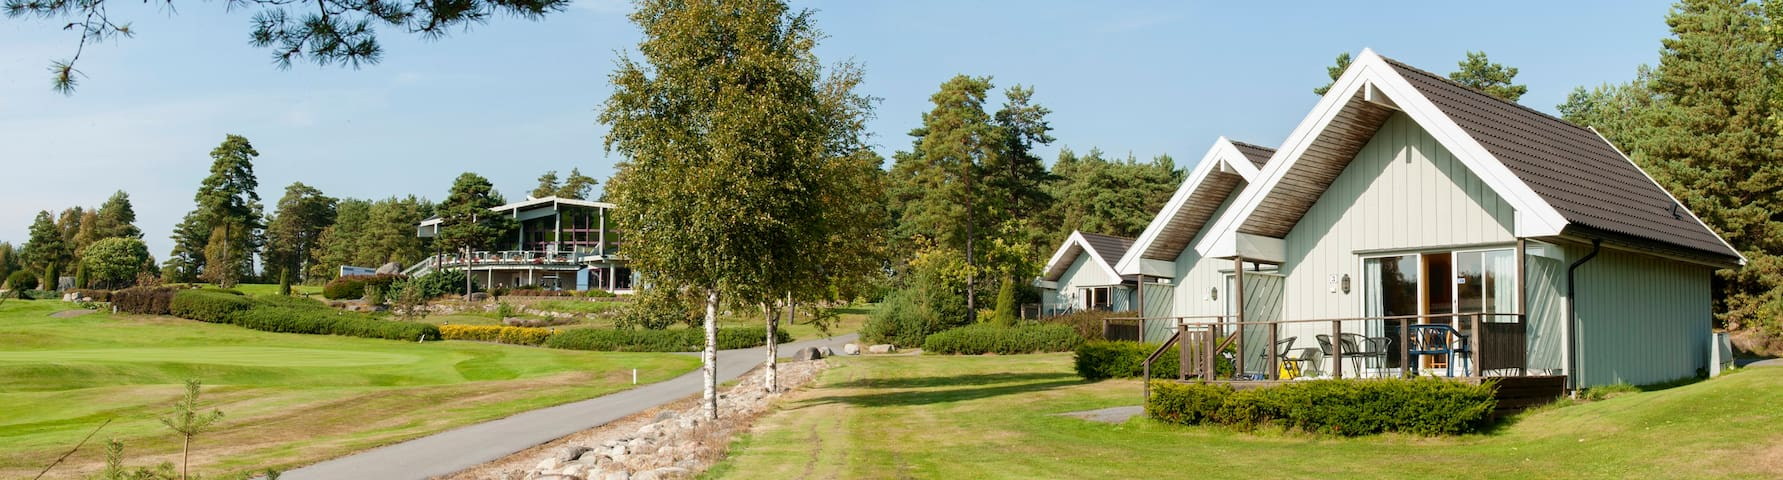 Onsøy Hyttepark, Fredrikstad. Nærhet til golf/ hav